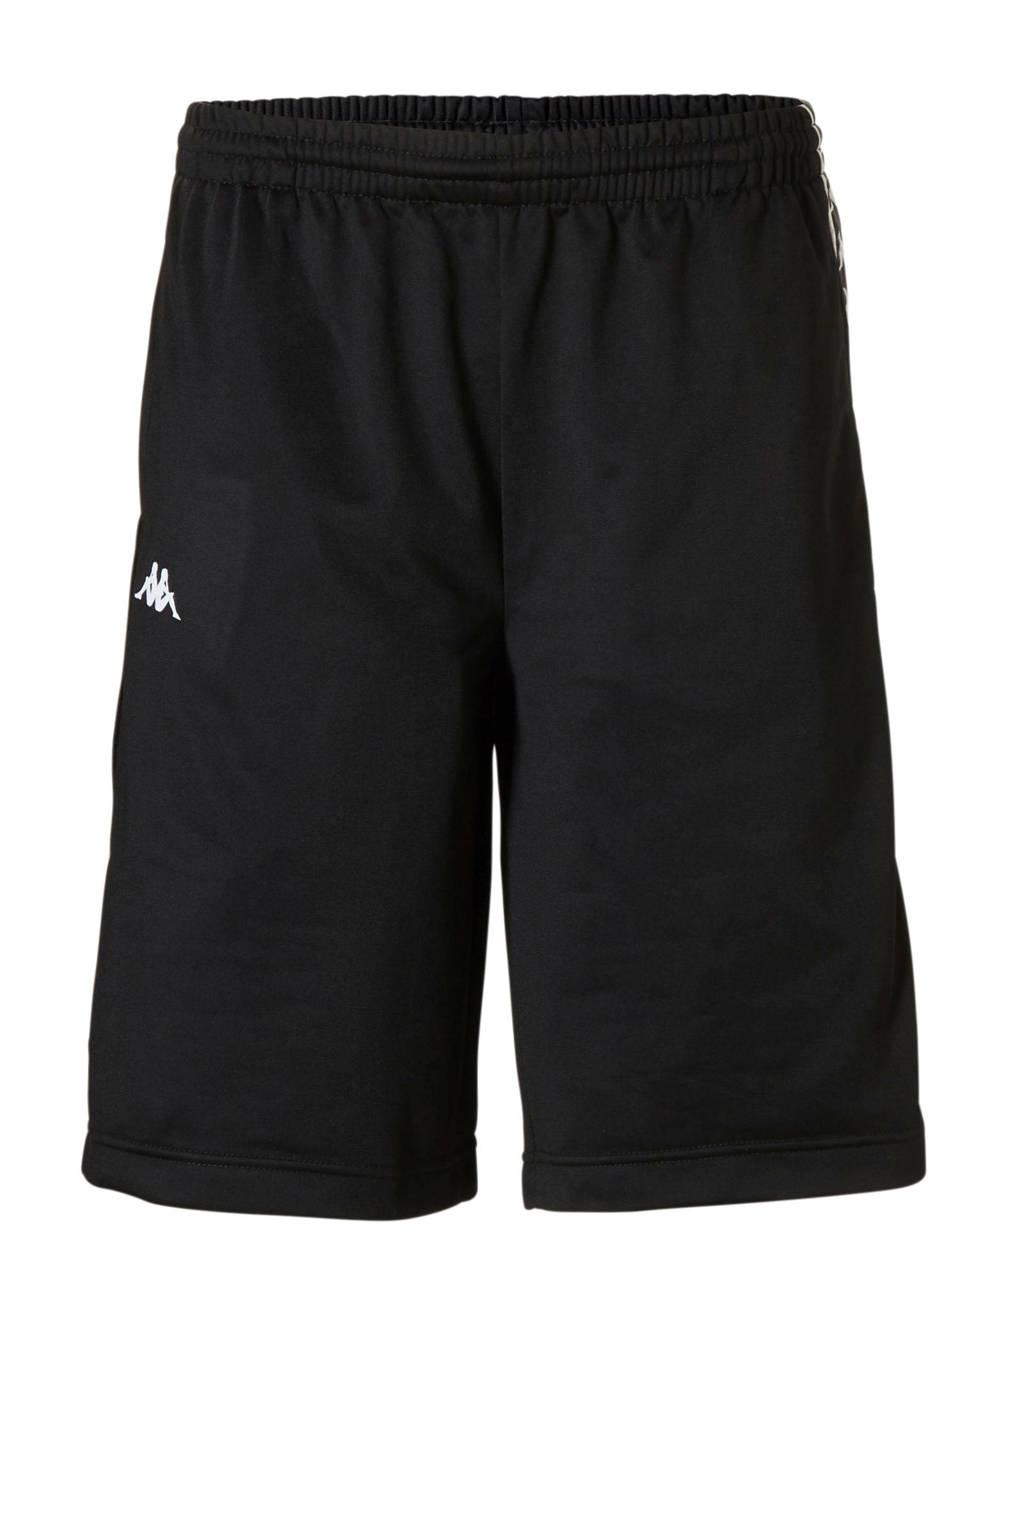 Kappa   short met zijstrepen zwart/wit, Zwart/wit